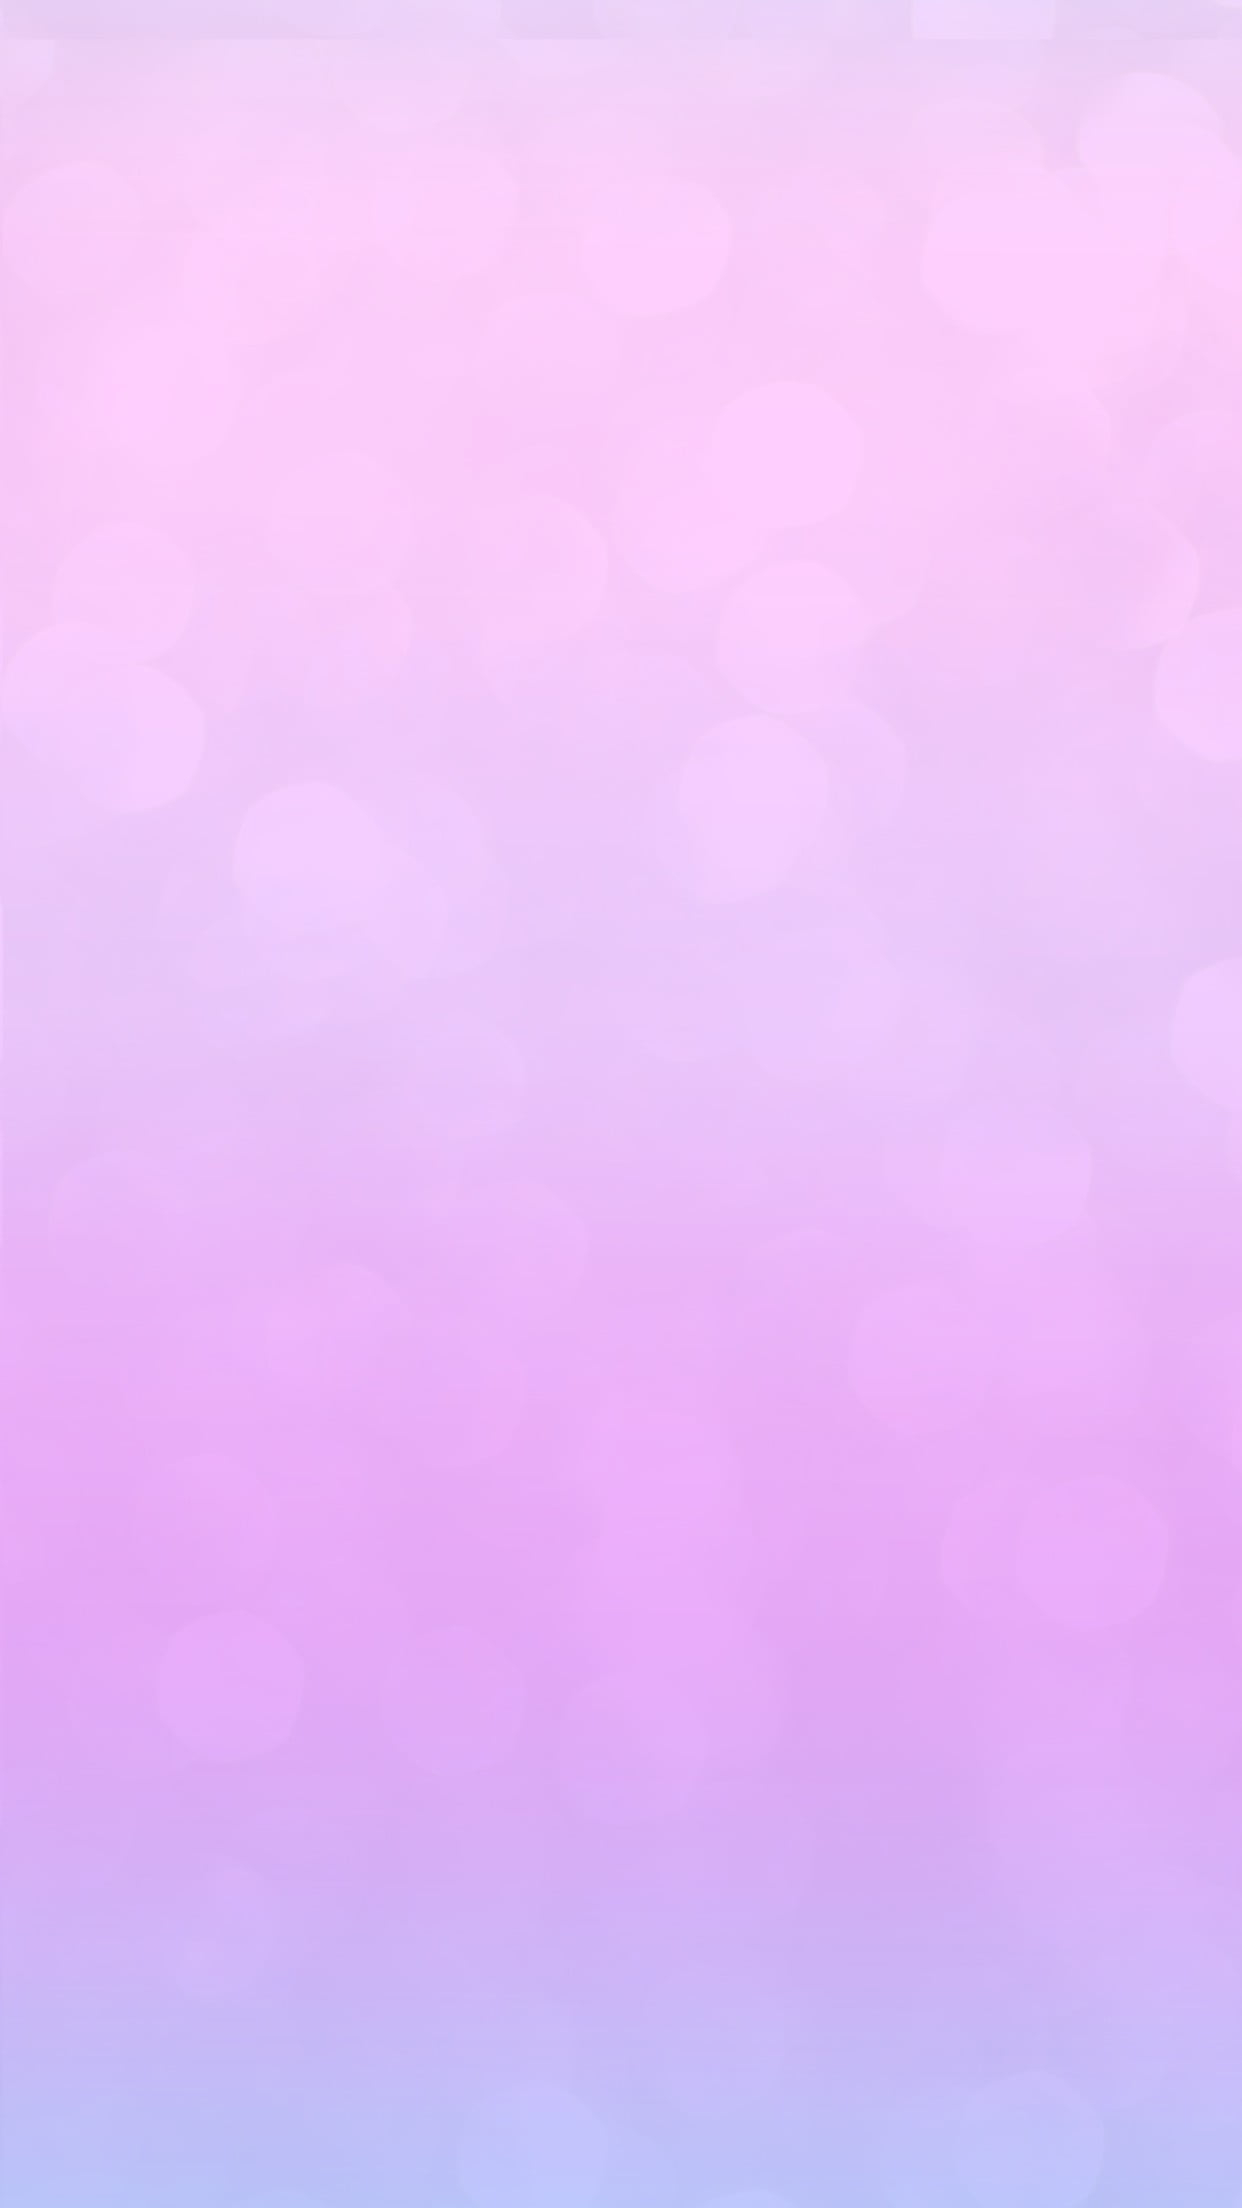 Ảnh nền màu hồng tím cho điện thoại